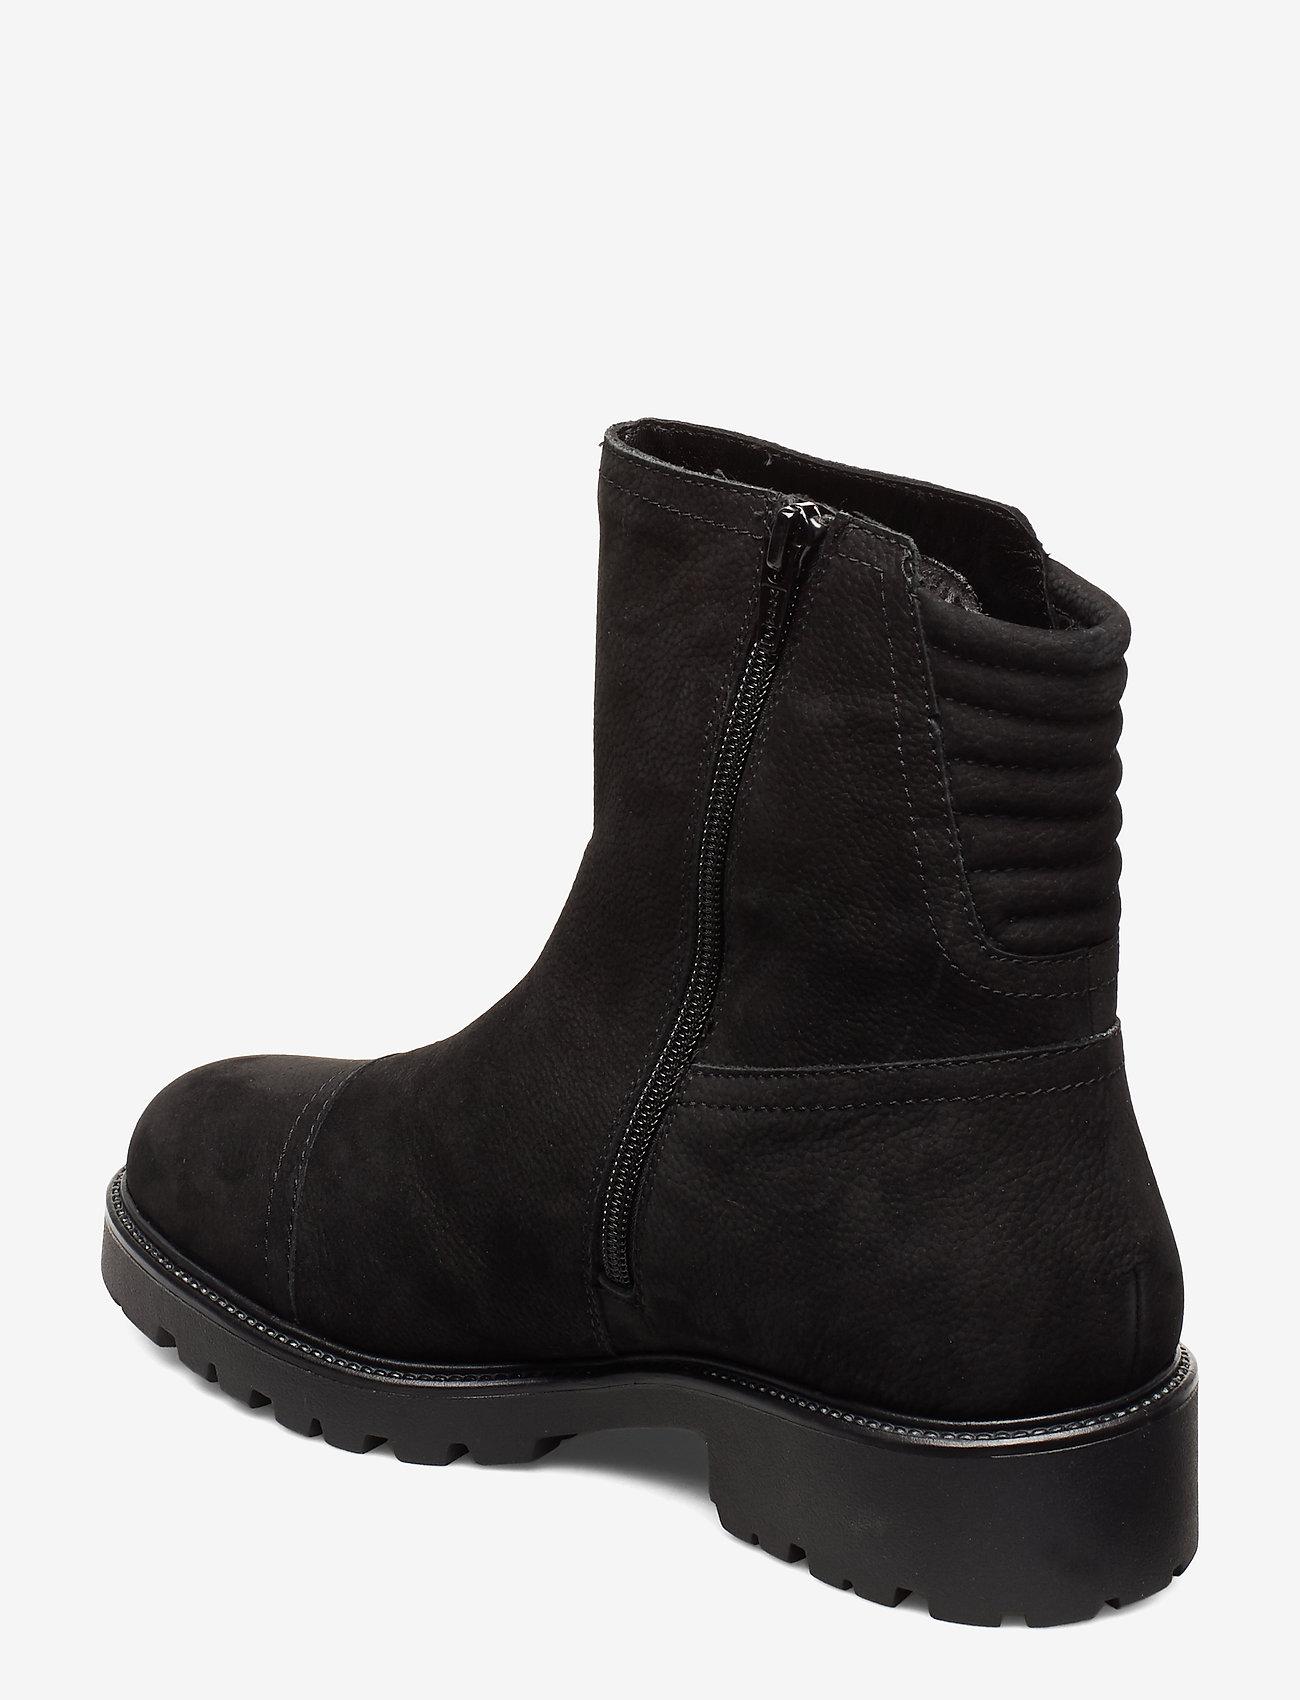 Kenova (Black) (549.50 kr) - VAGABOND